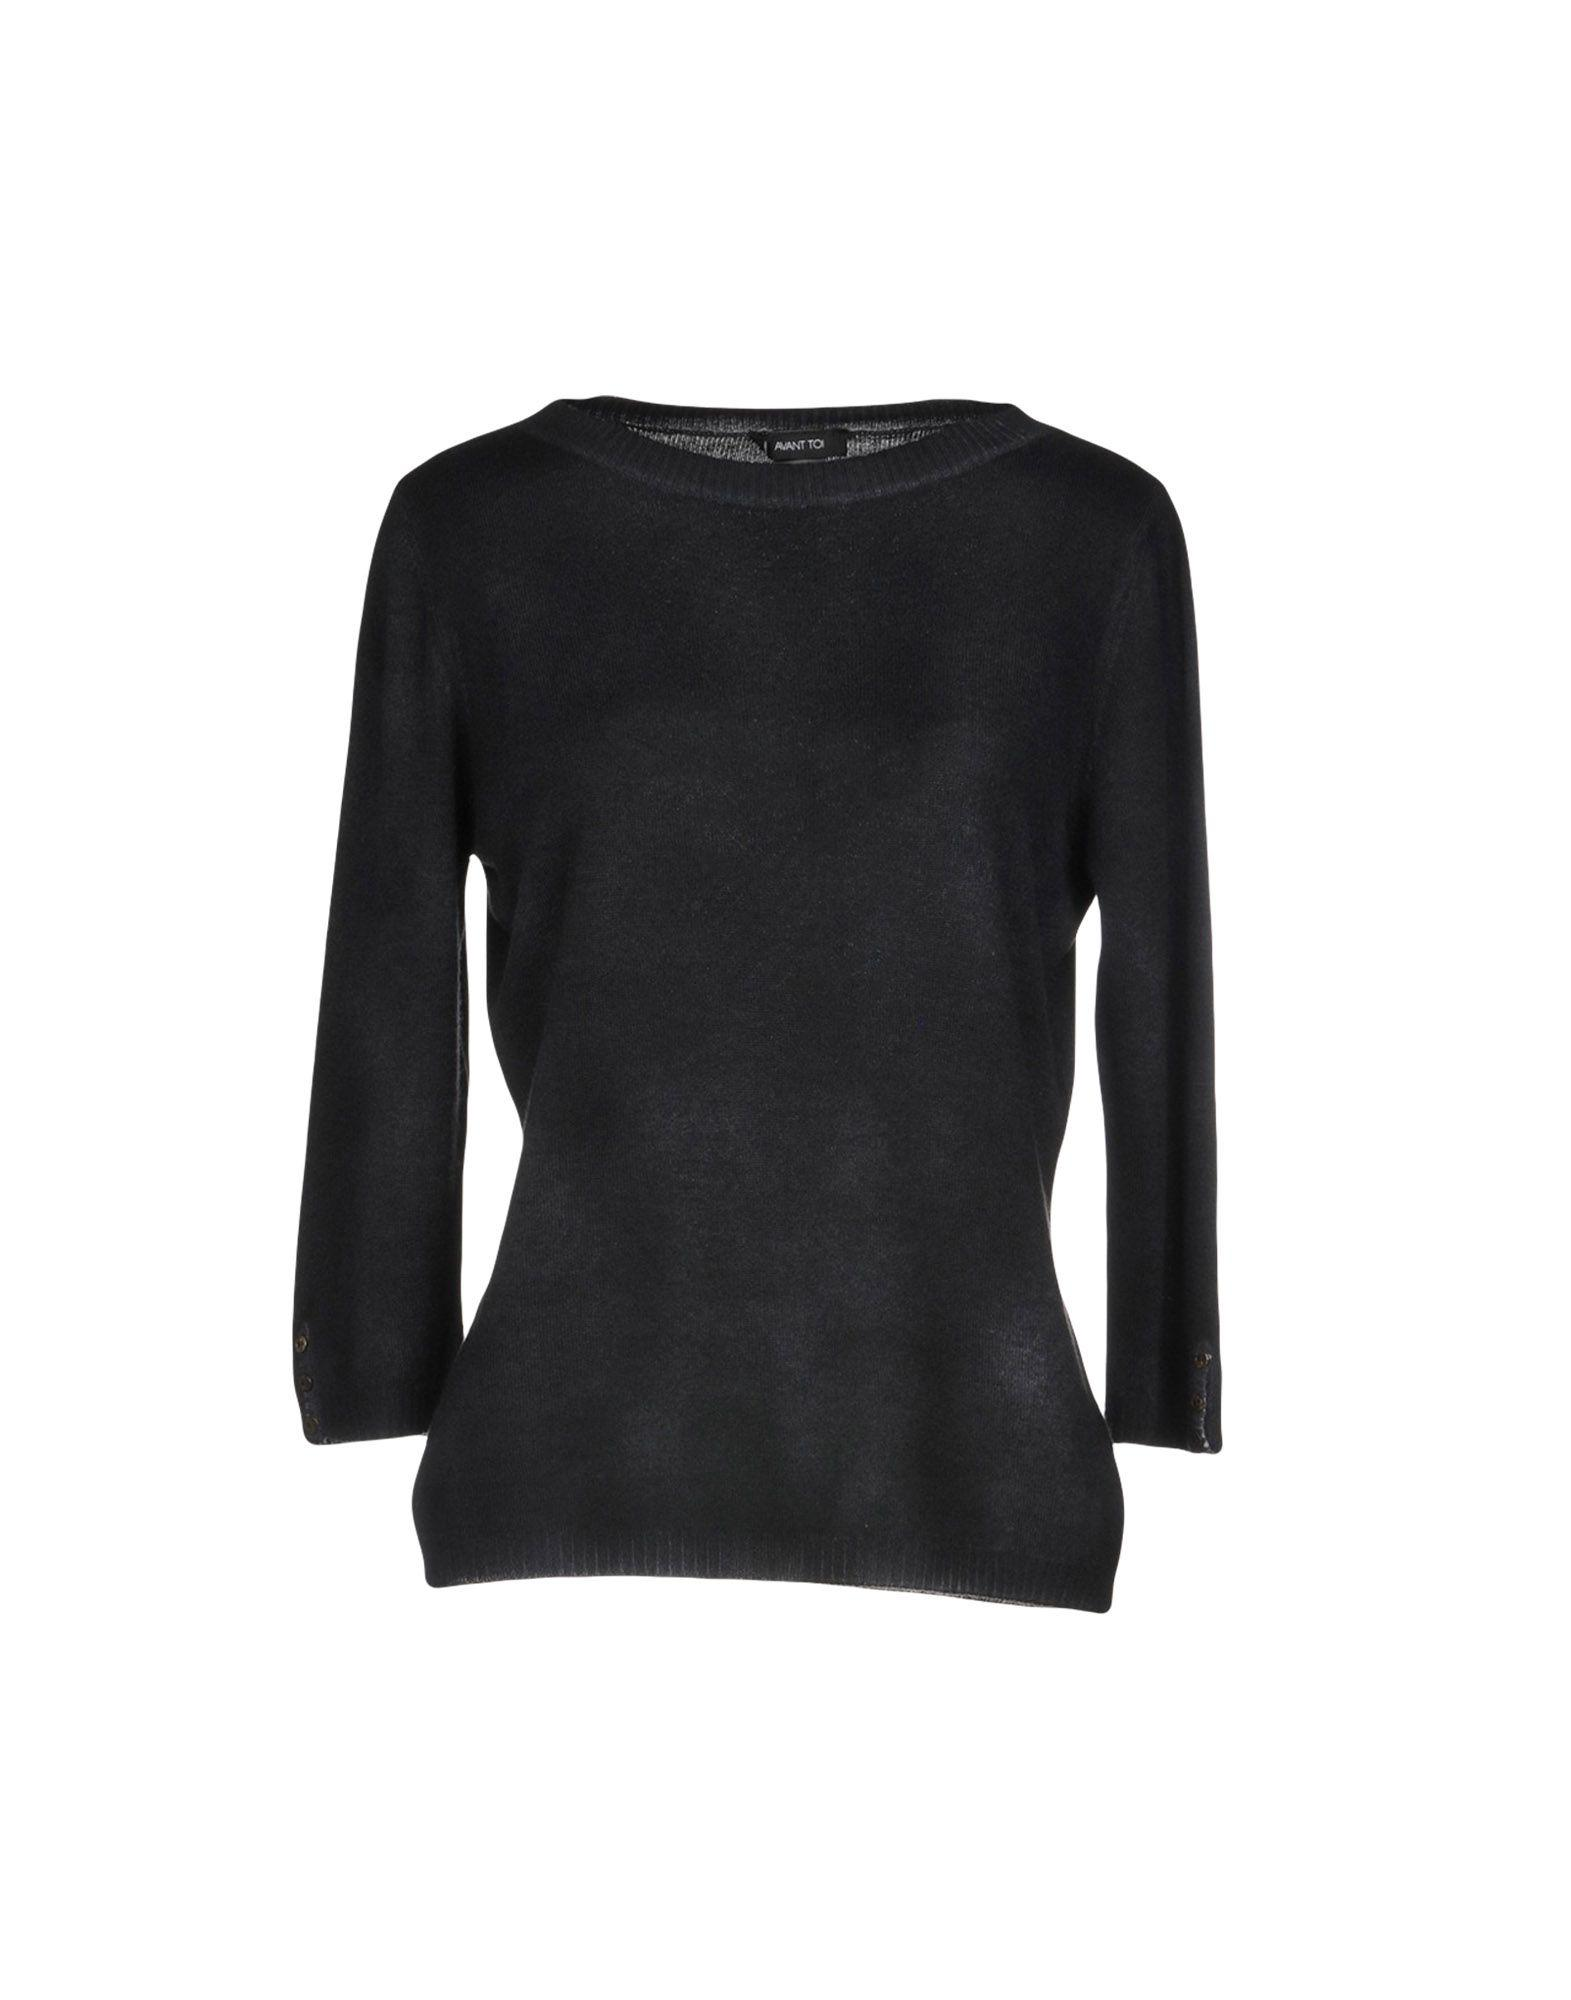 Avant Toi Cashmere Blend In Black